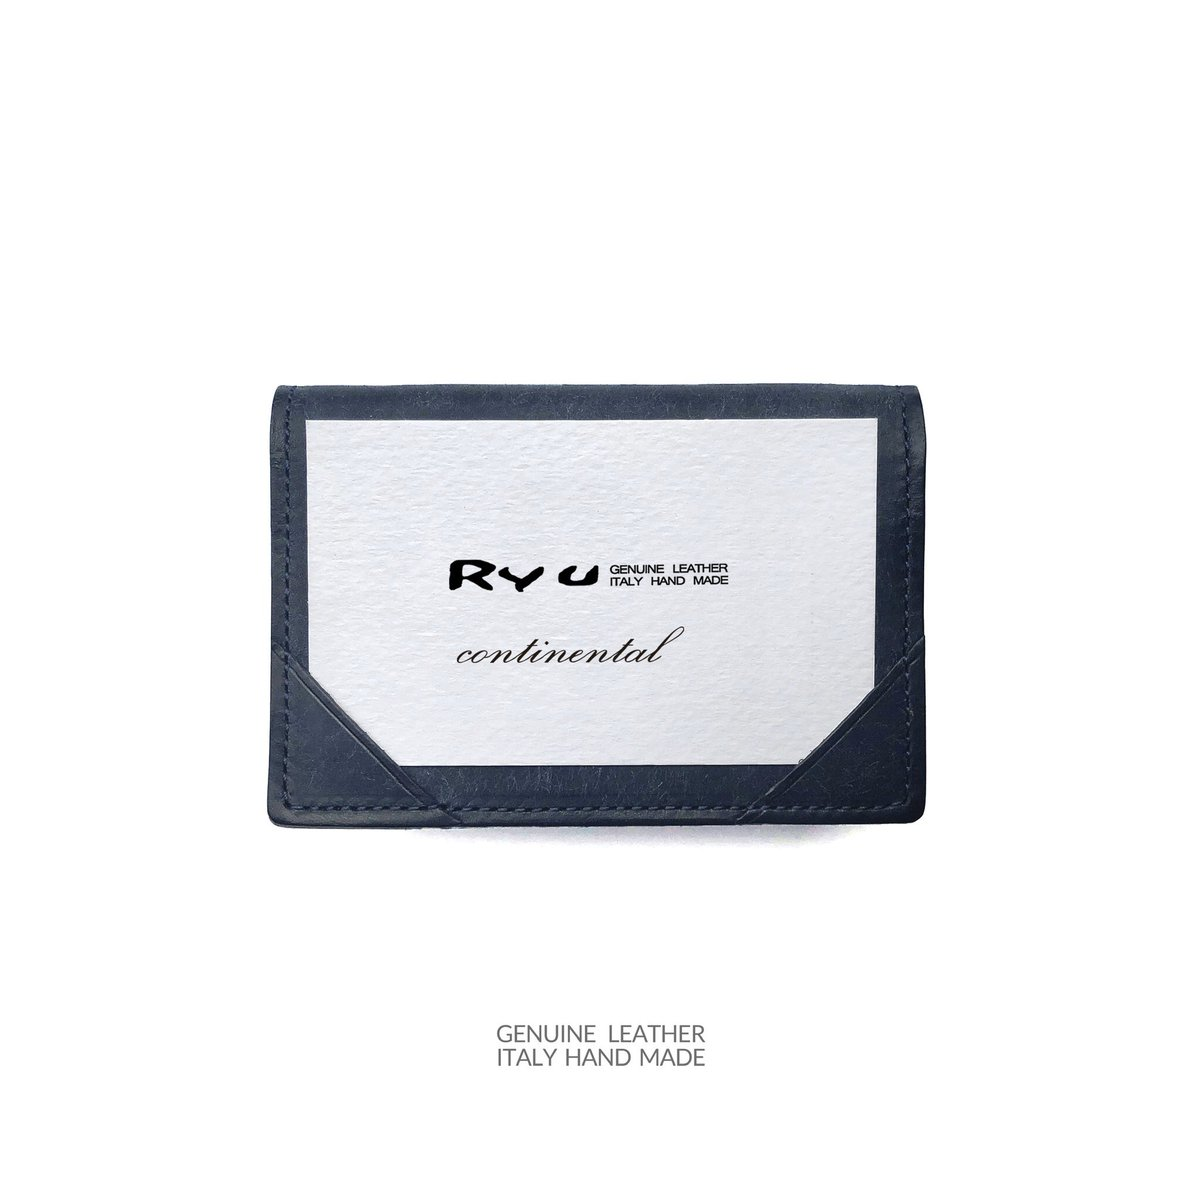 【 JOTTER BUSINESS CARDCASE 】  サイドの名刺ストッパーが特徴 商談時に役立つ機能的な名刺入れ  ギフトや買い替えにもおすすめです  #leather #本革 #handmade  #gift #present #名刺入れ  #ビジネス #カードケース #入社祝い #イタリアレザー #Ryu #continental #wathz #多治見本店pic.twitter.com/fL4nzqsTrD